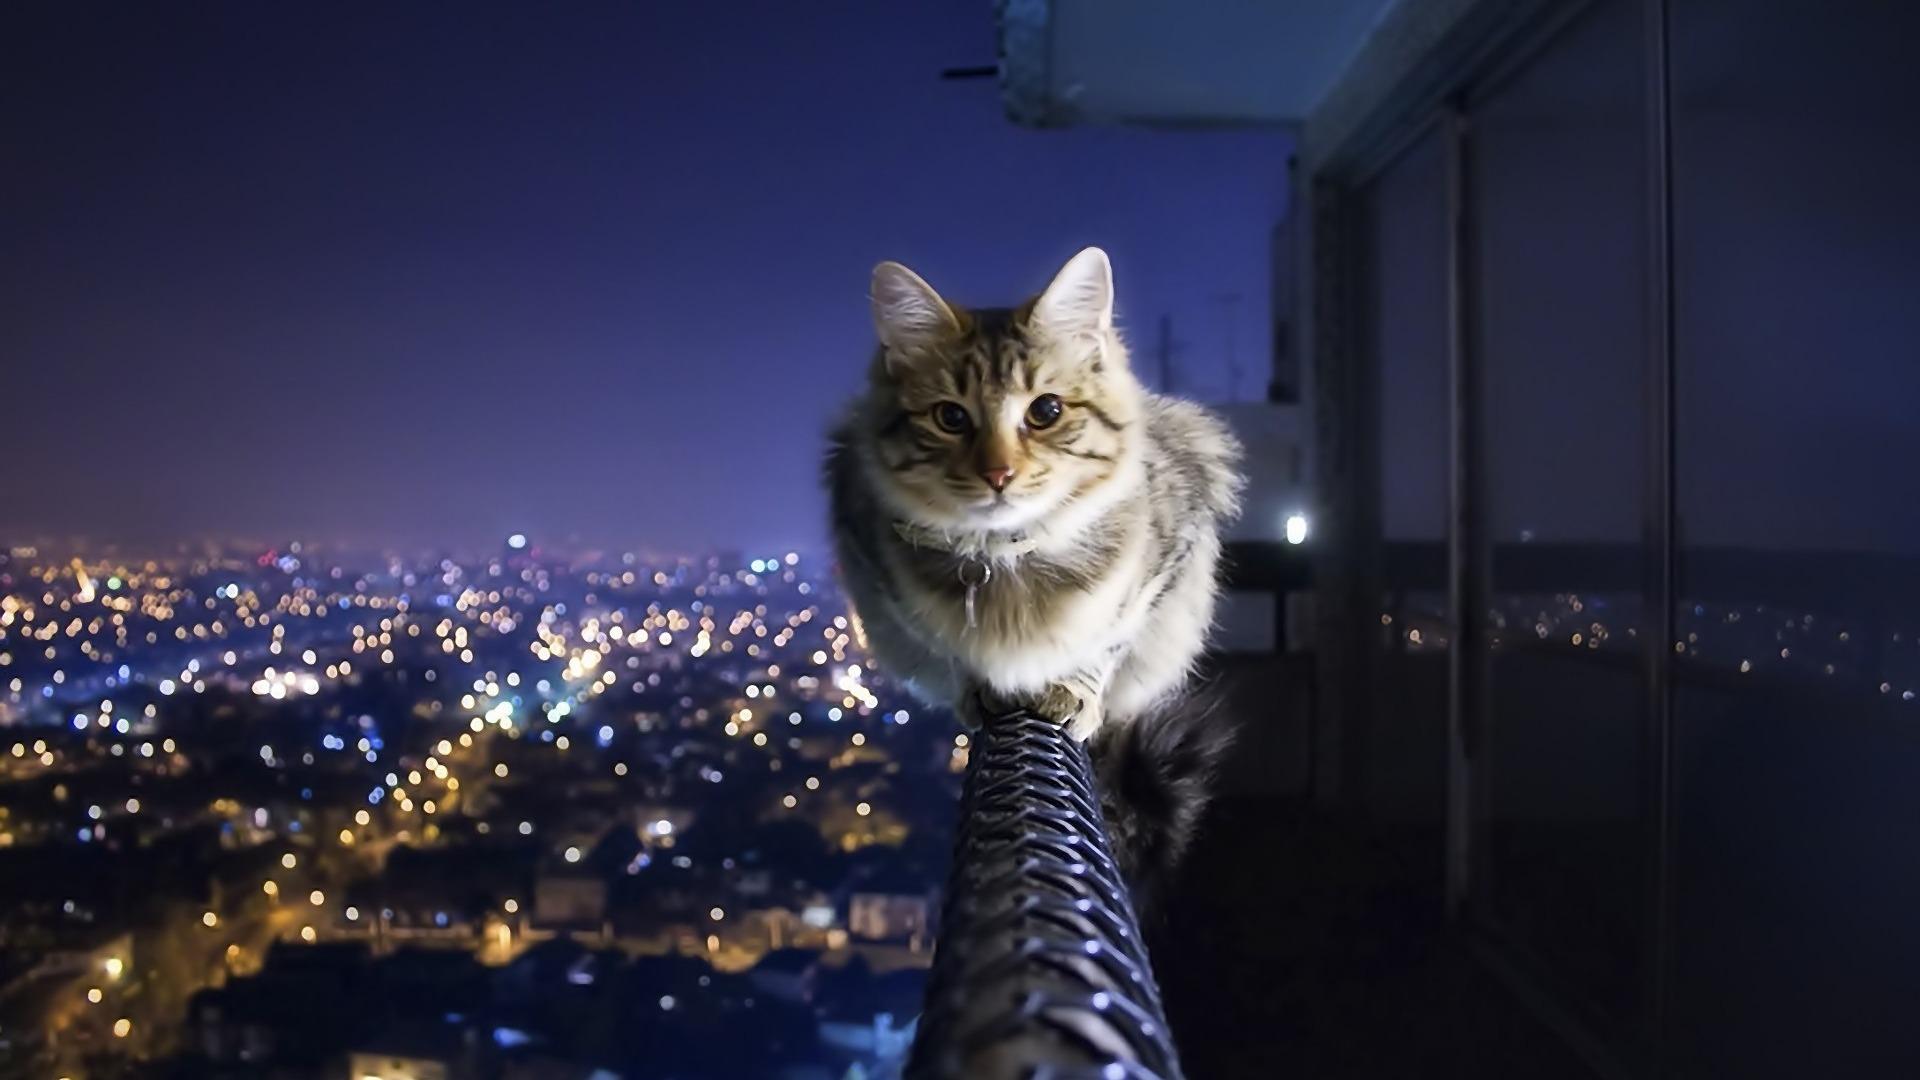 夜の猫 かわいいキティの猫の生活壁紙プレビュー 10wallpaper Com